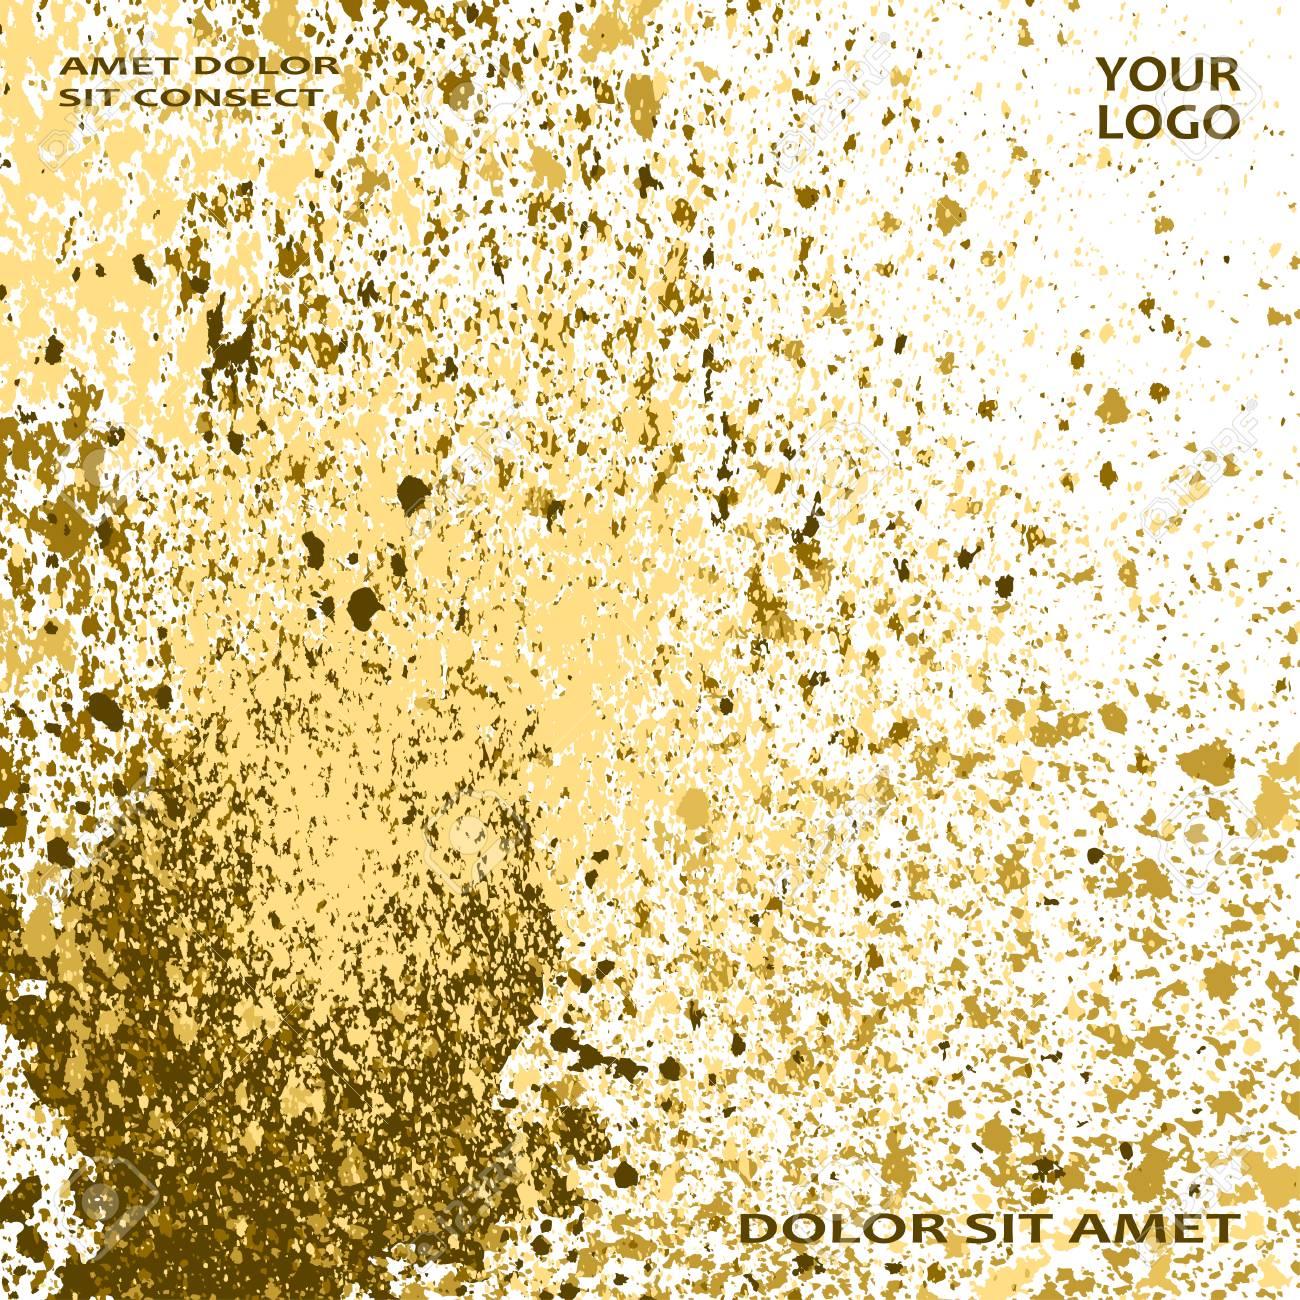 Neon Gold Explosion Paint Splatter Artistic Cover Frame Design